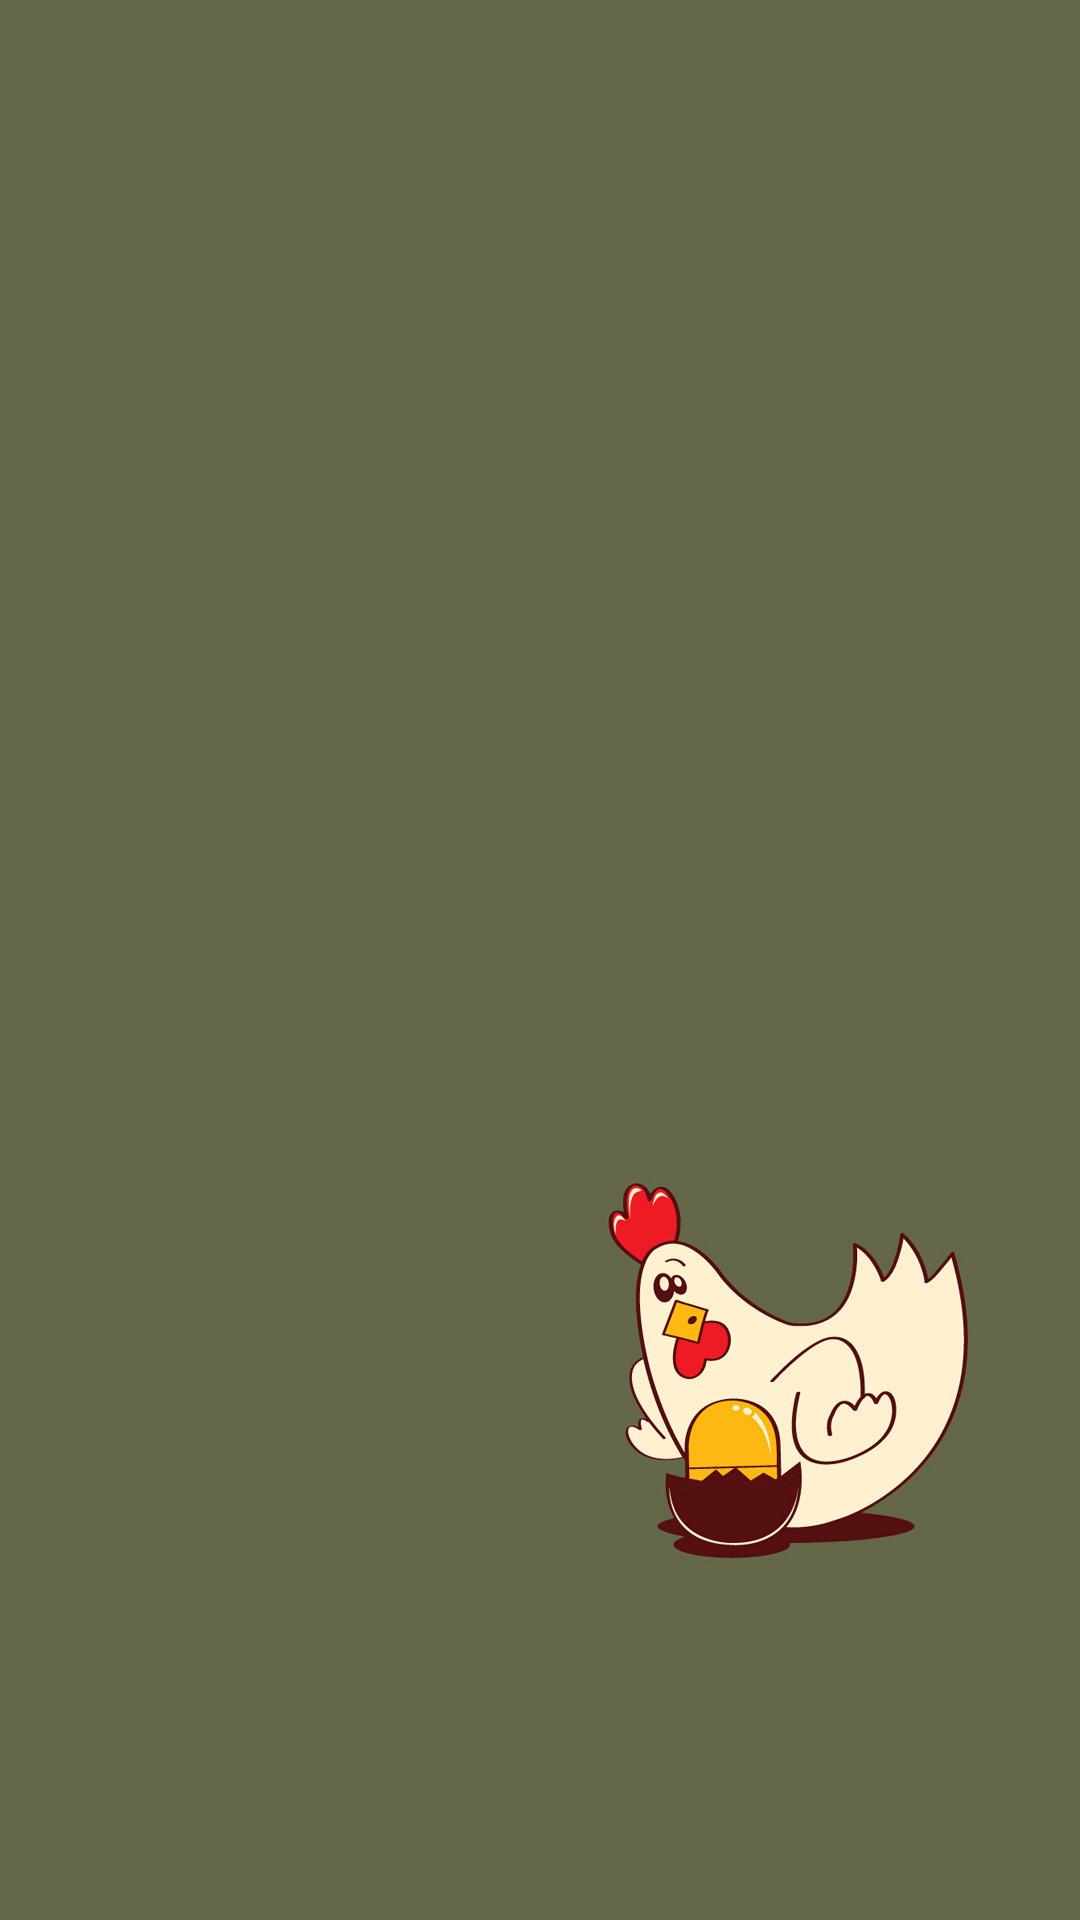 Kinder egg Wallpaper